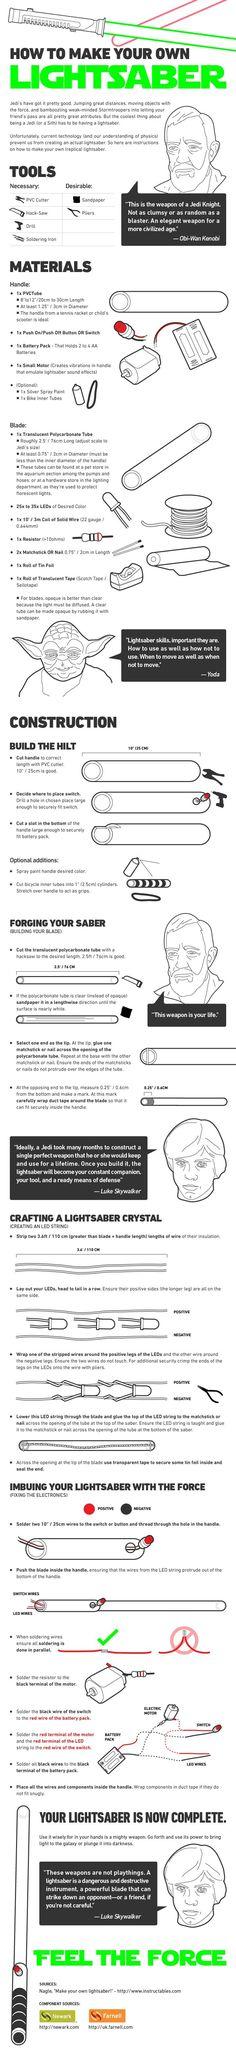 Une infographie pour construire votre propre sabre laser